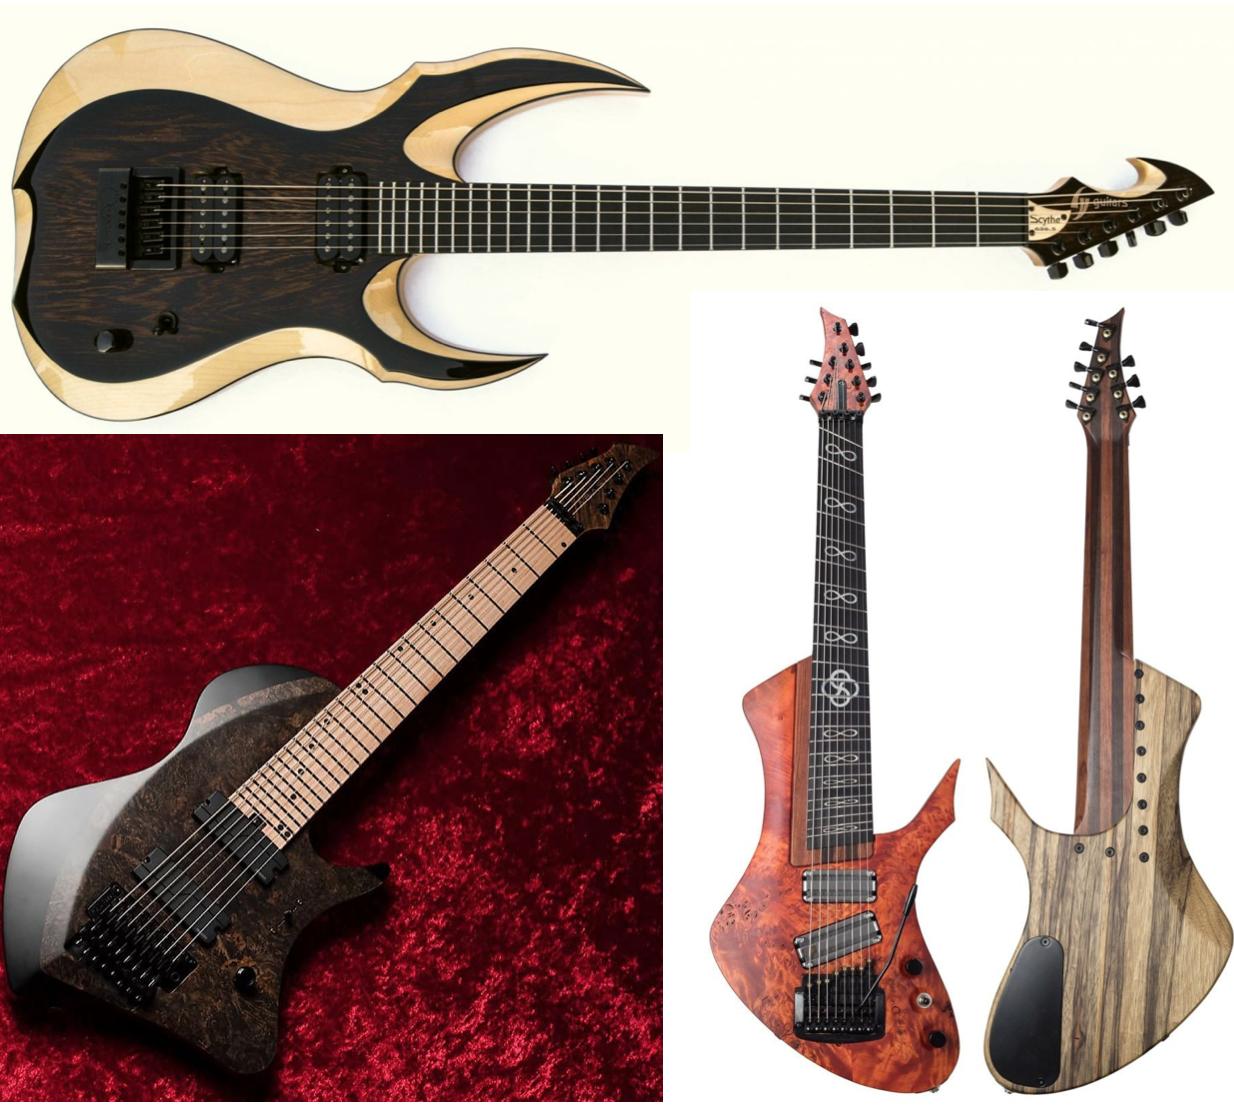 Arriba una Scythe (gv Guitars). Abajo izquierda una Larada (Abasi) y a la derecha una Claas 0316 Custom Shop (imágenes obtenidas de las páginas web oficiales)